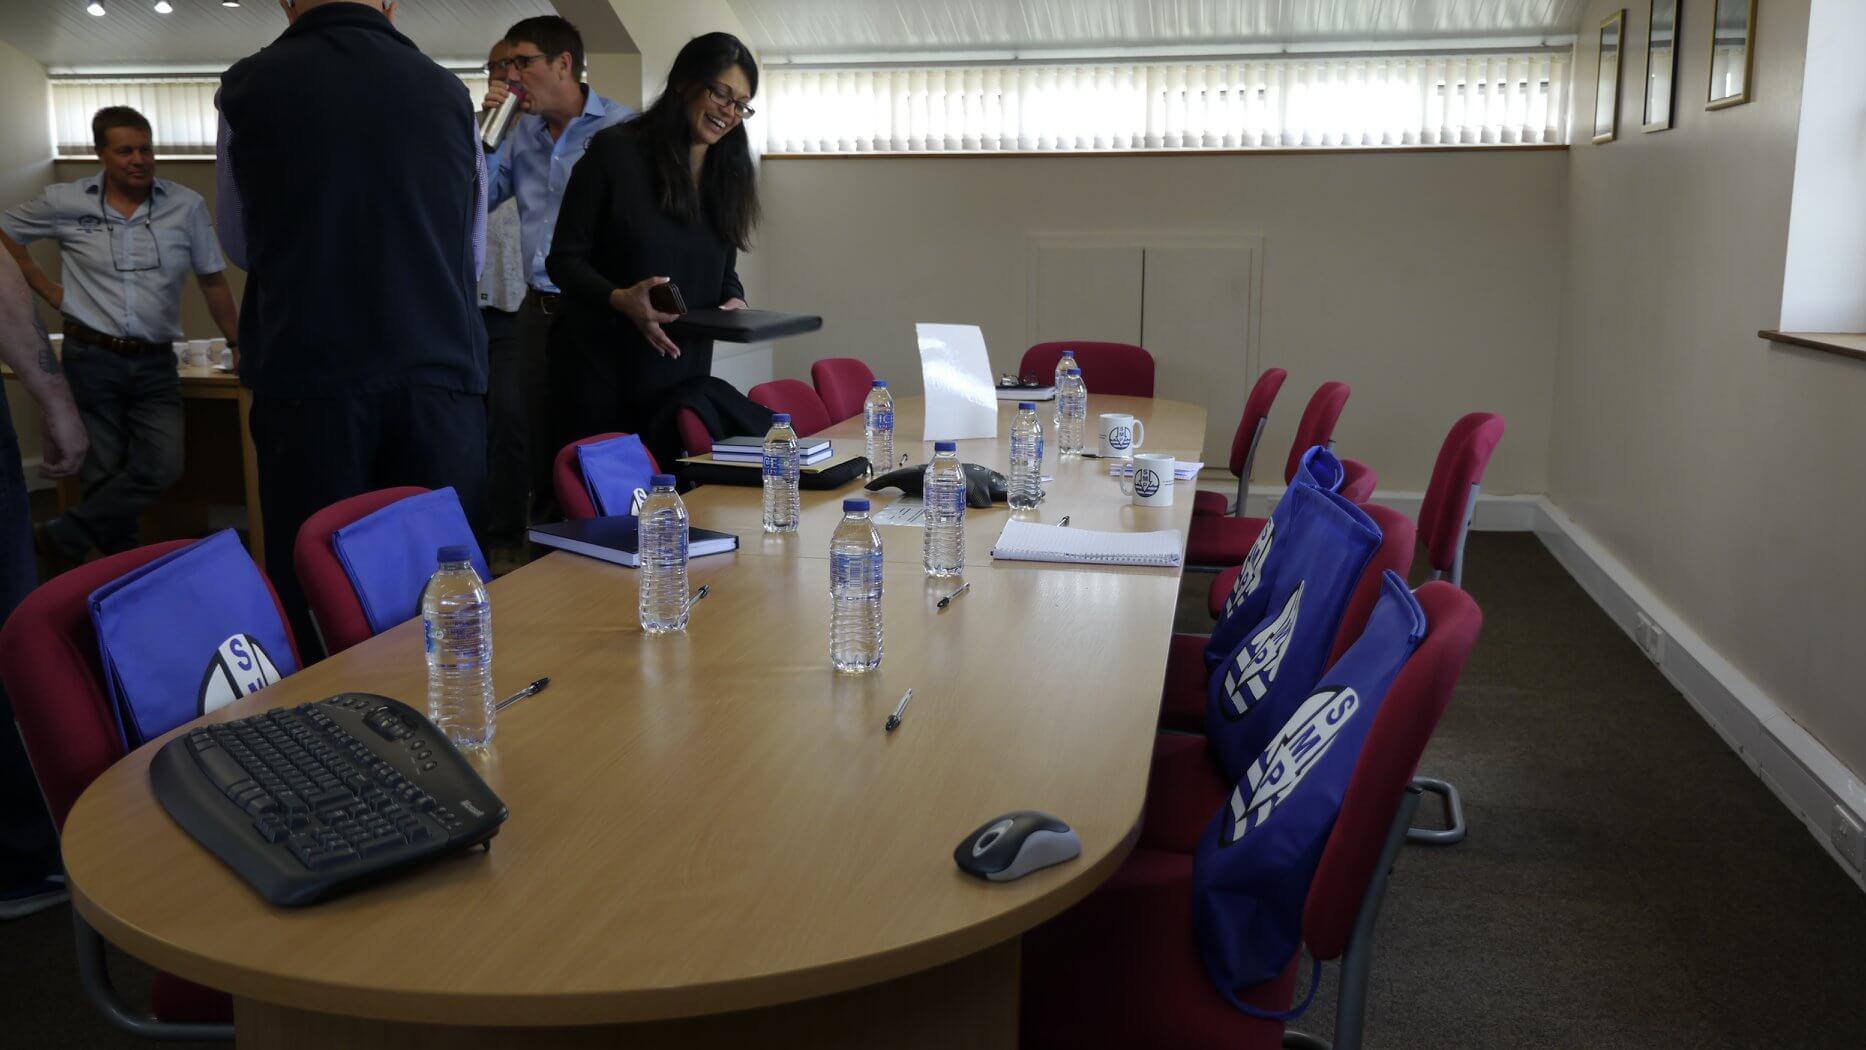 Northern regional meeting boardroom table